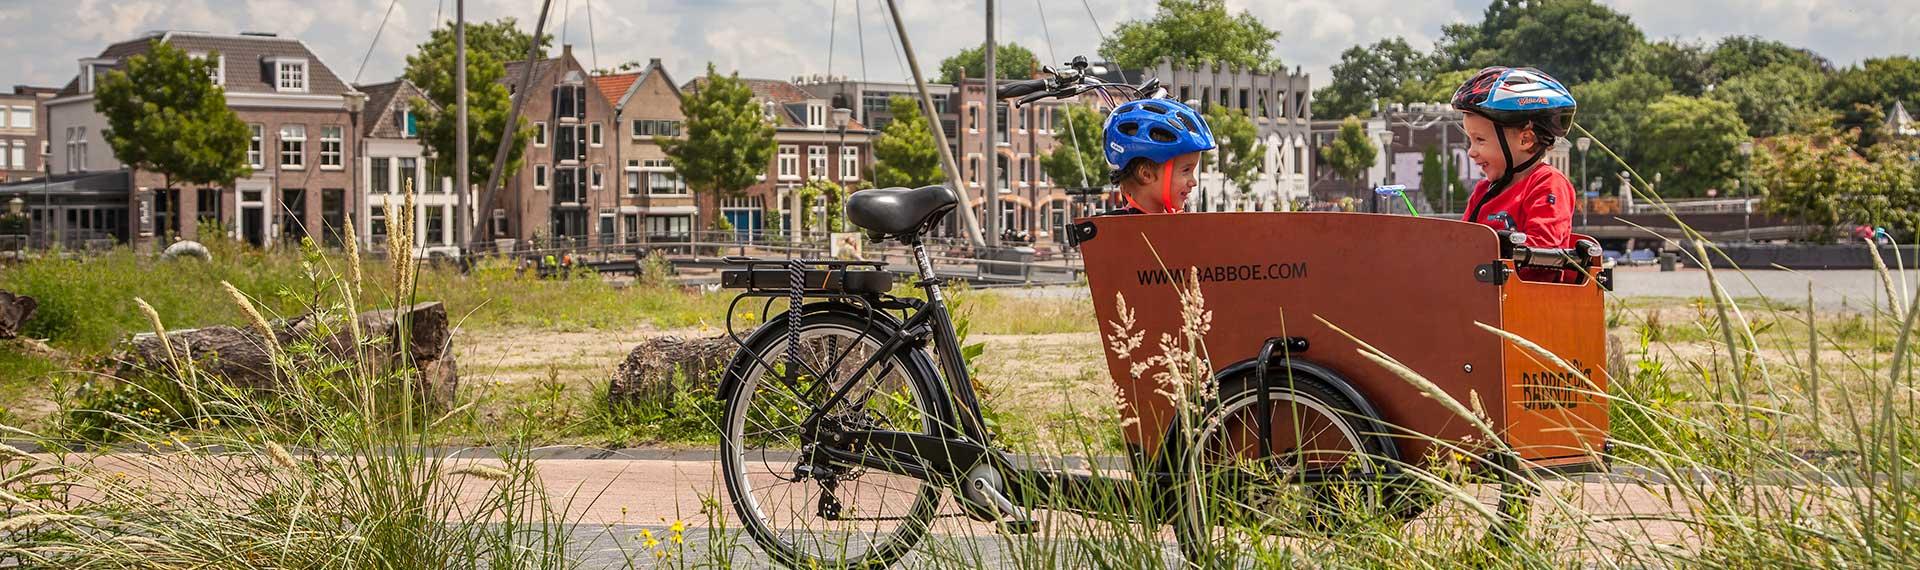 Bicycle helmets